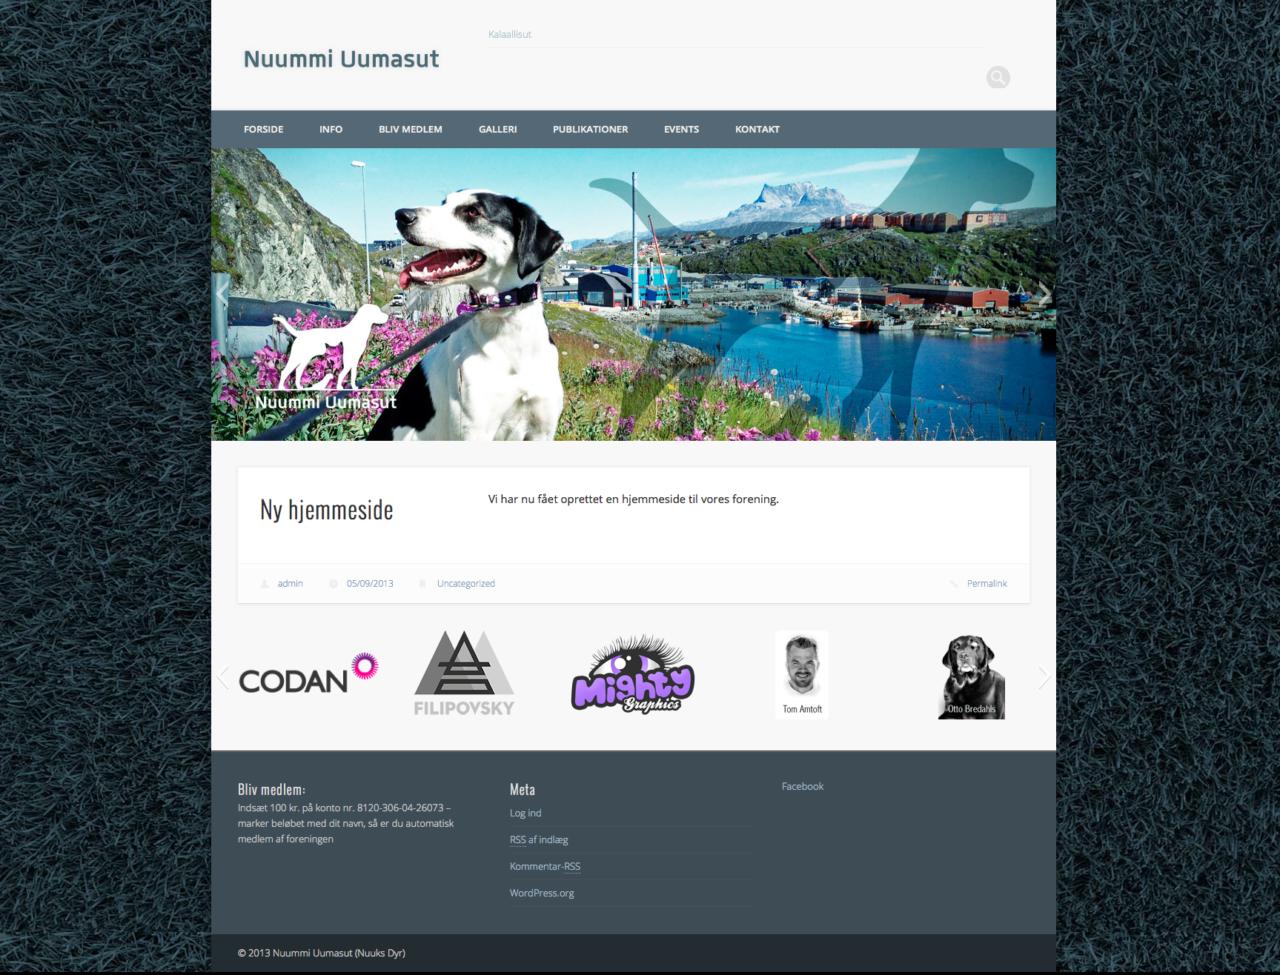 Nuummi Uumasut webdesign